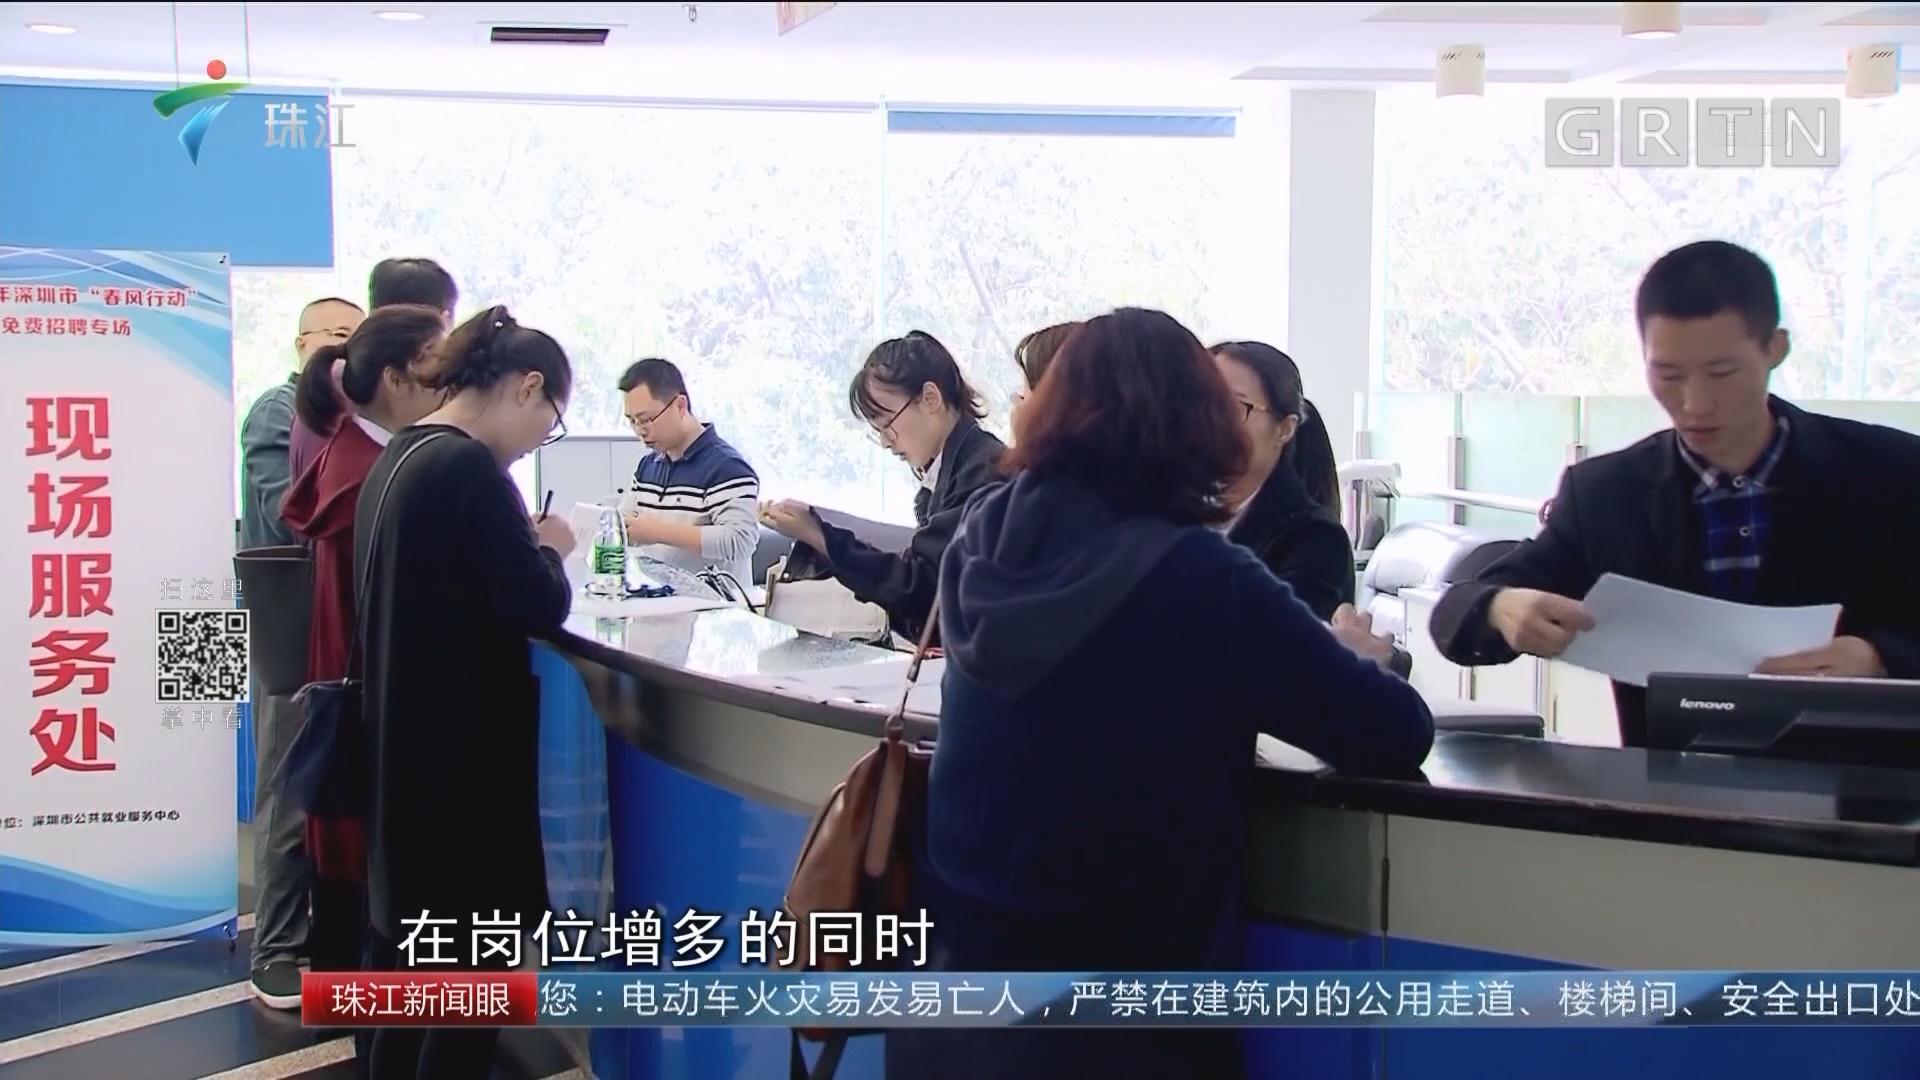 深圳:3月前举办306场免费招聘会